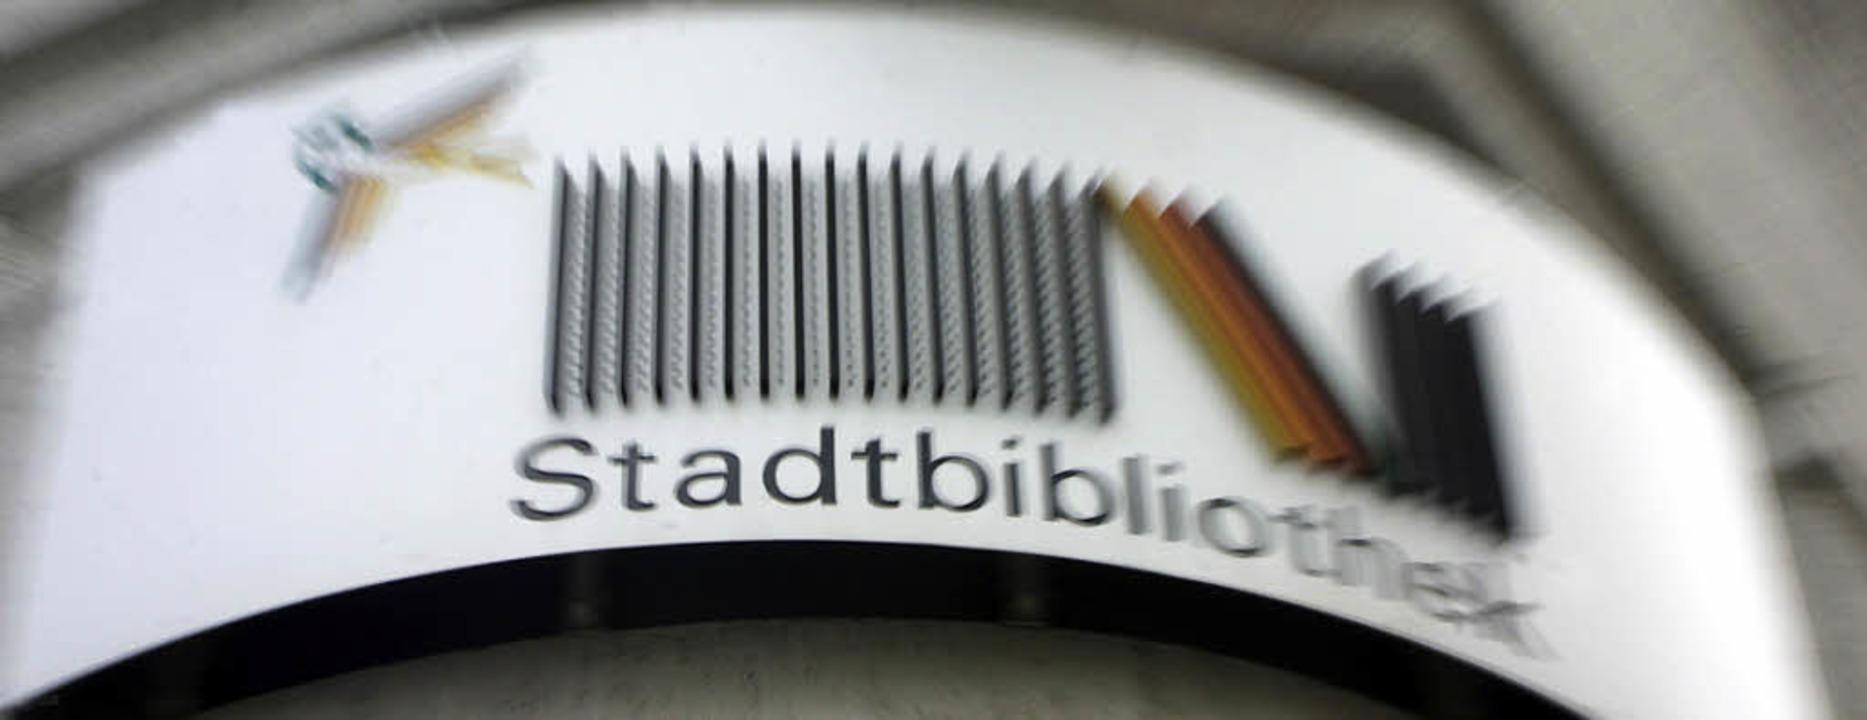 Die Stadtbibliothek – eine bewährte Marke für Lörrach.      Foto: Henning